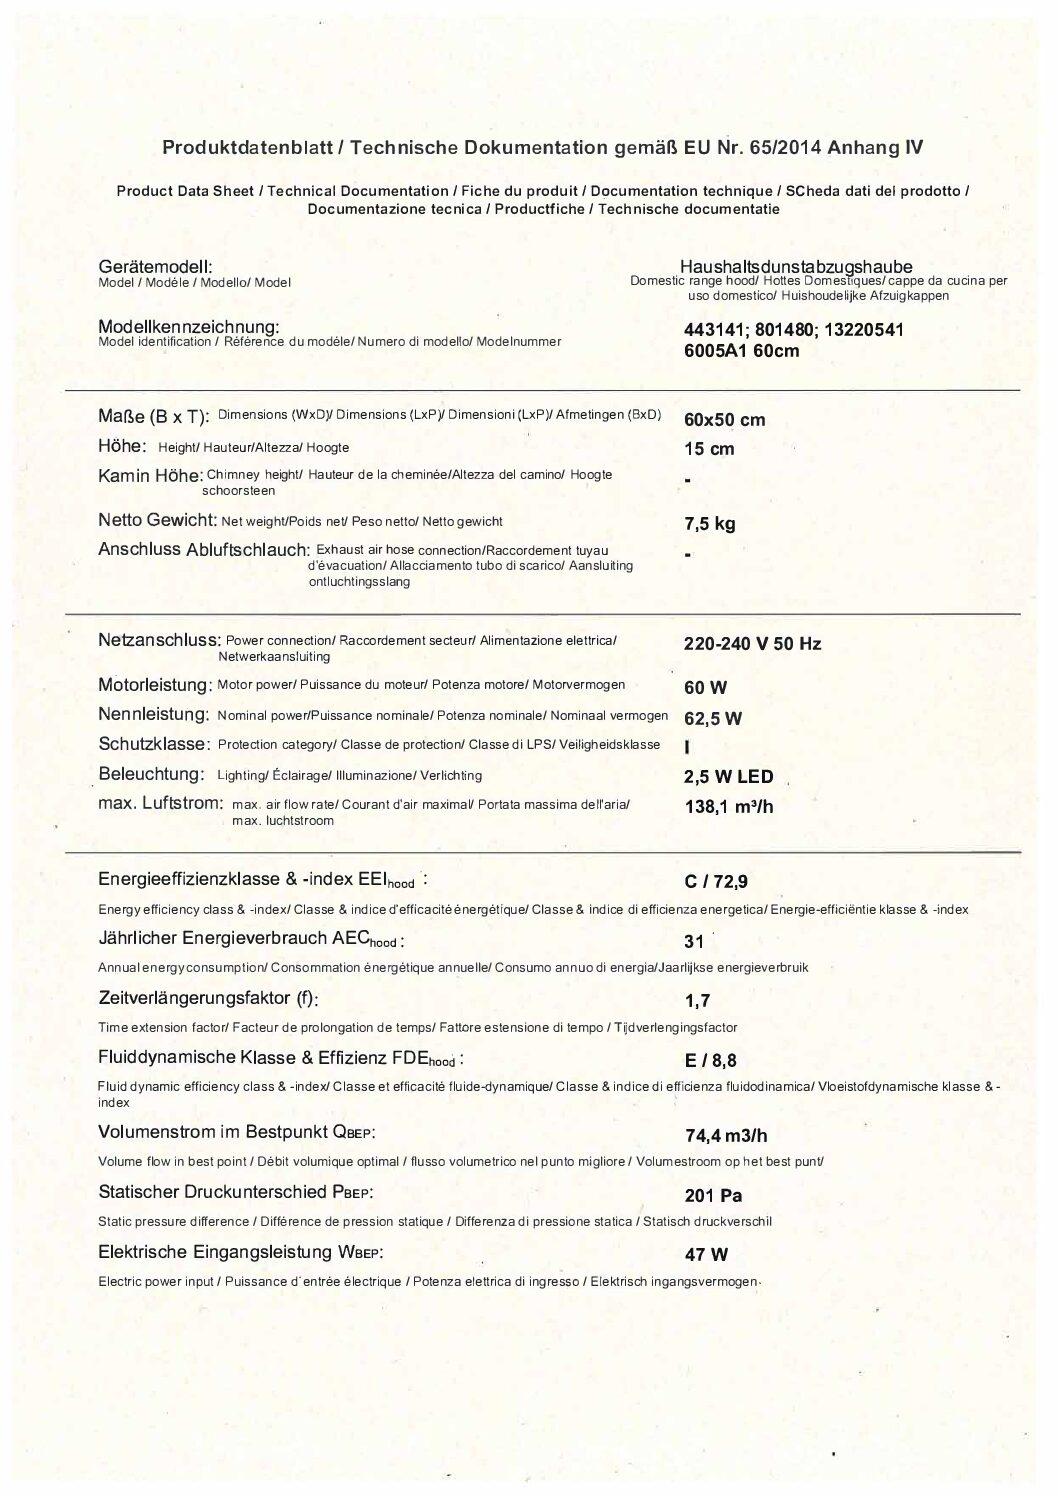 Unterbauhaube 60cm Breite Leistung bis zu 194 m³/h B801480 ehemalig UVP 69,99€   801480 2 pdf